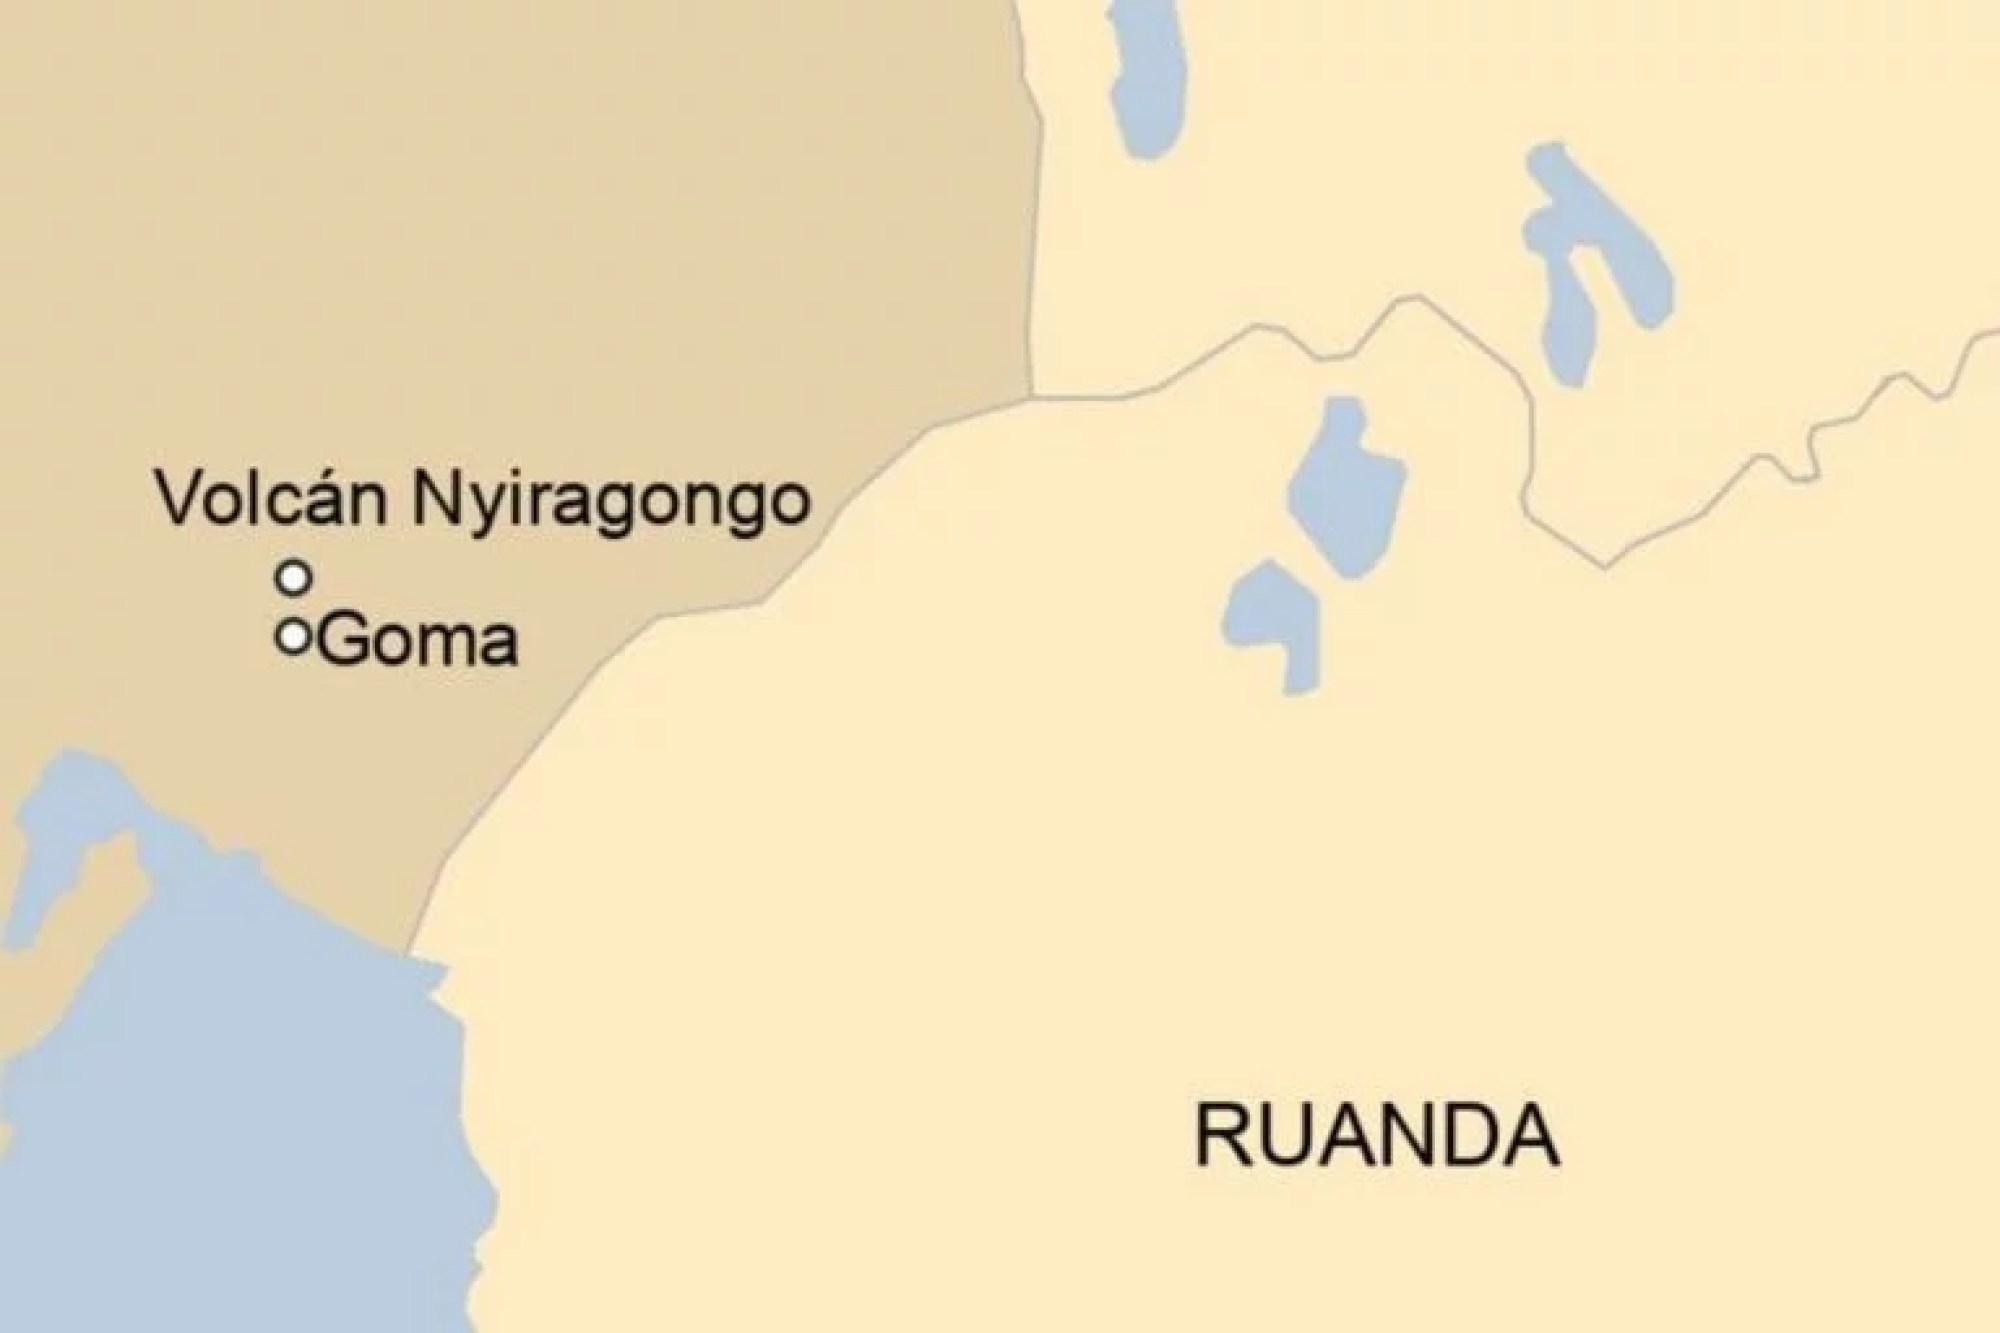 Esta es la zona donde está ubicado el volcán Nyiragongo